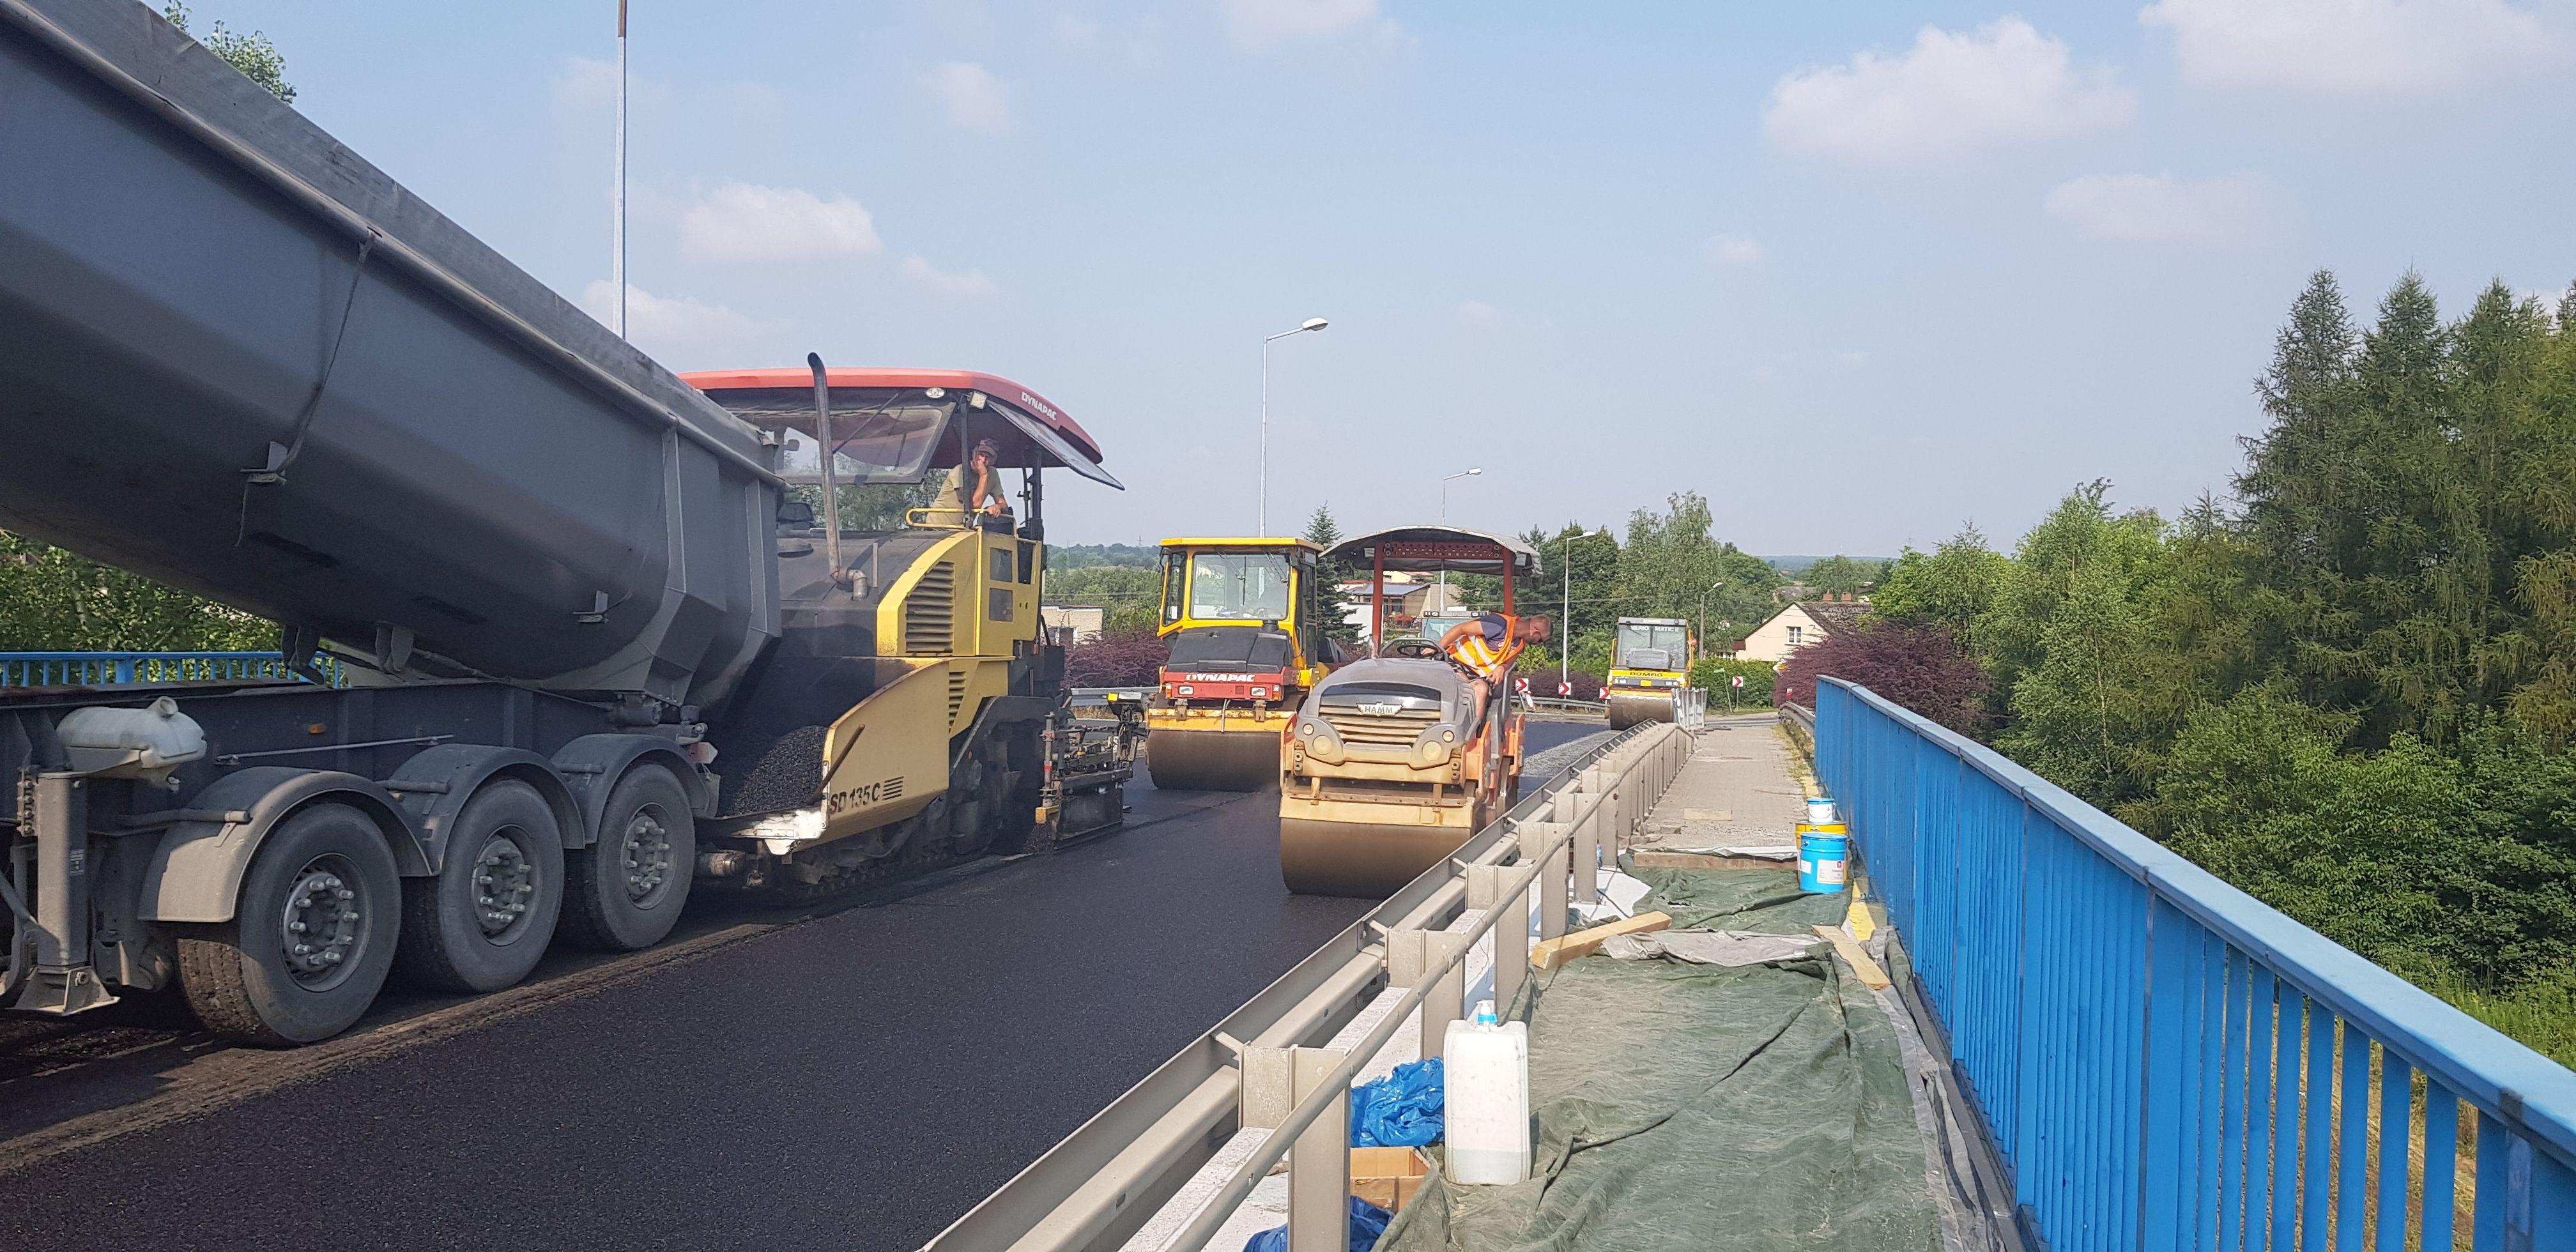 Dobra wiadomość dla kierowców. Koniec remontu wiaduktu na DK44. Koniec objazdów!